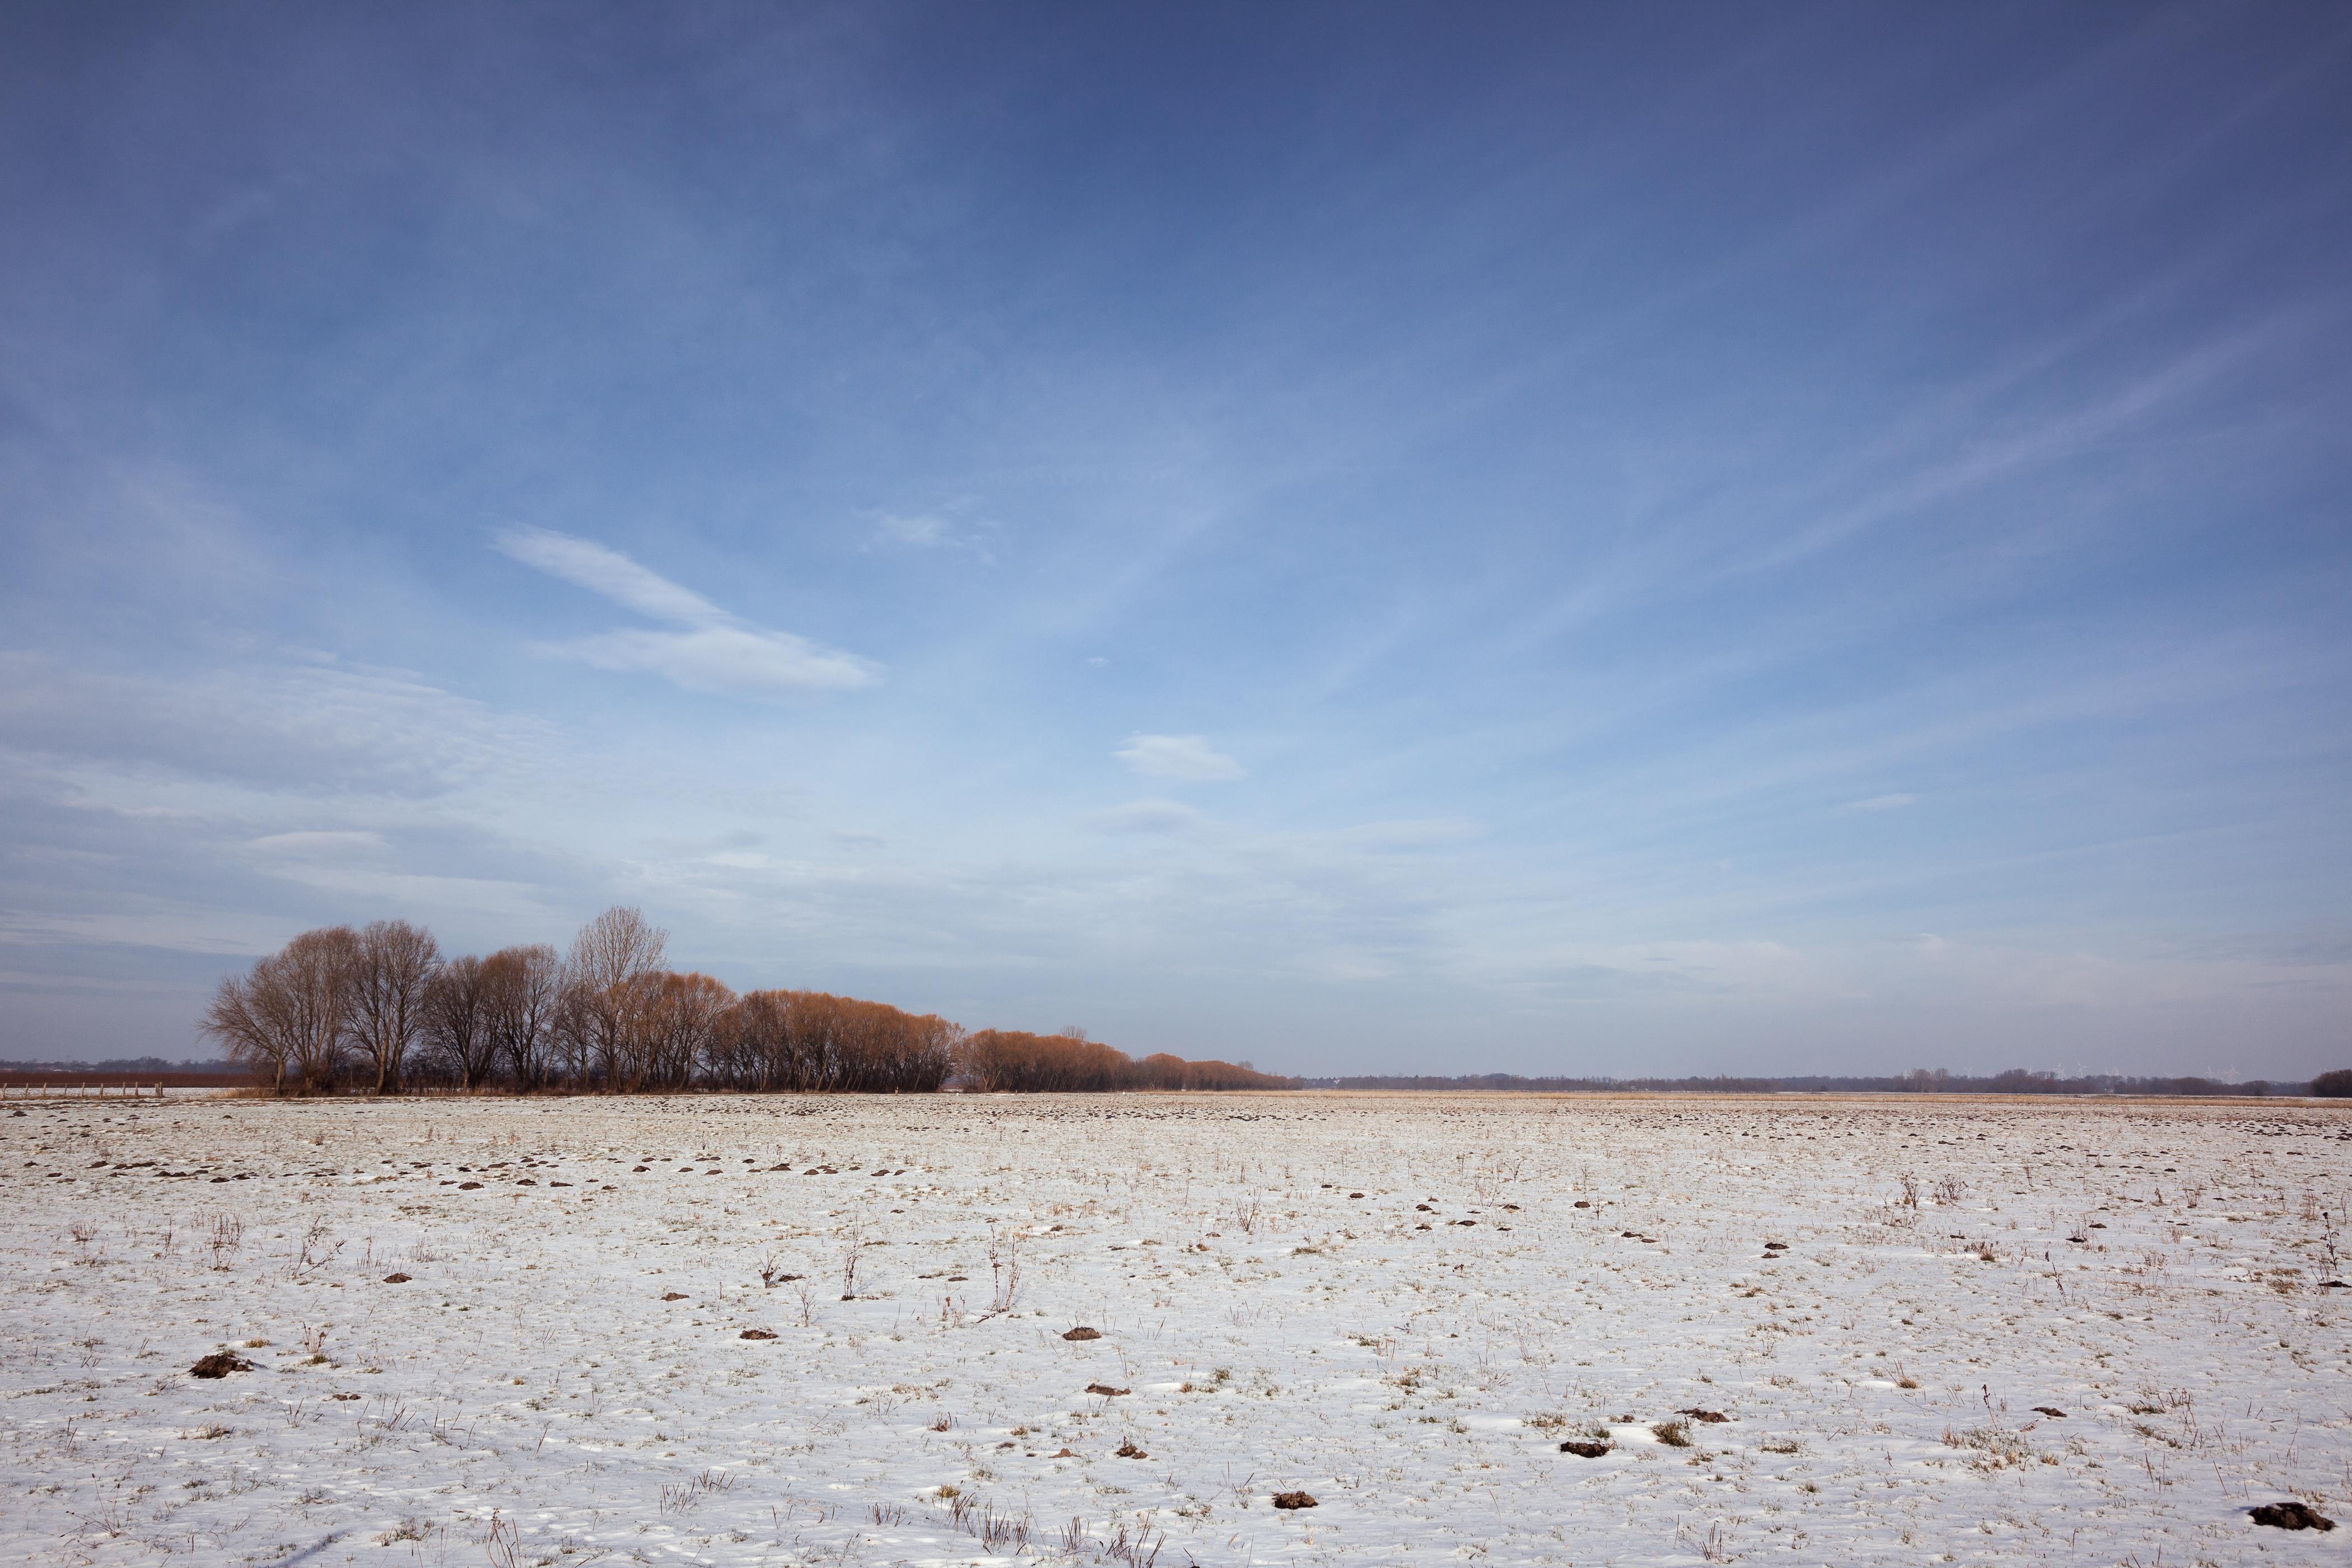 Verschneite Felder, Bäume markieren den Weg. Havelradwanderweg, Brandenburg, Deutschland.